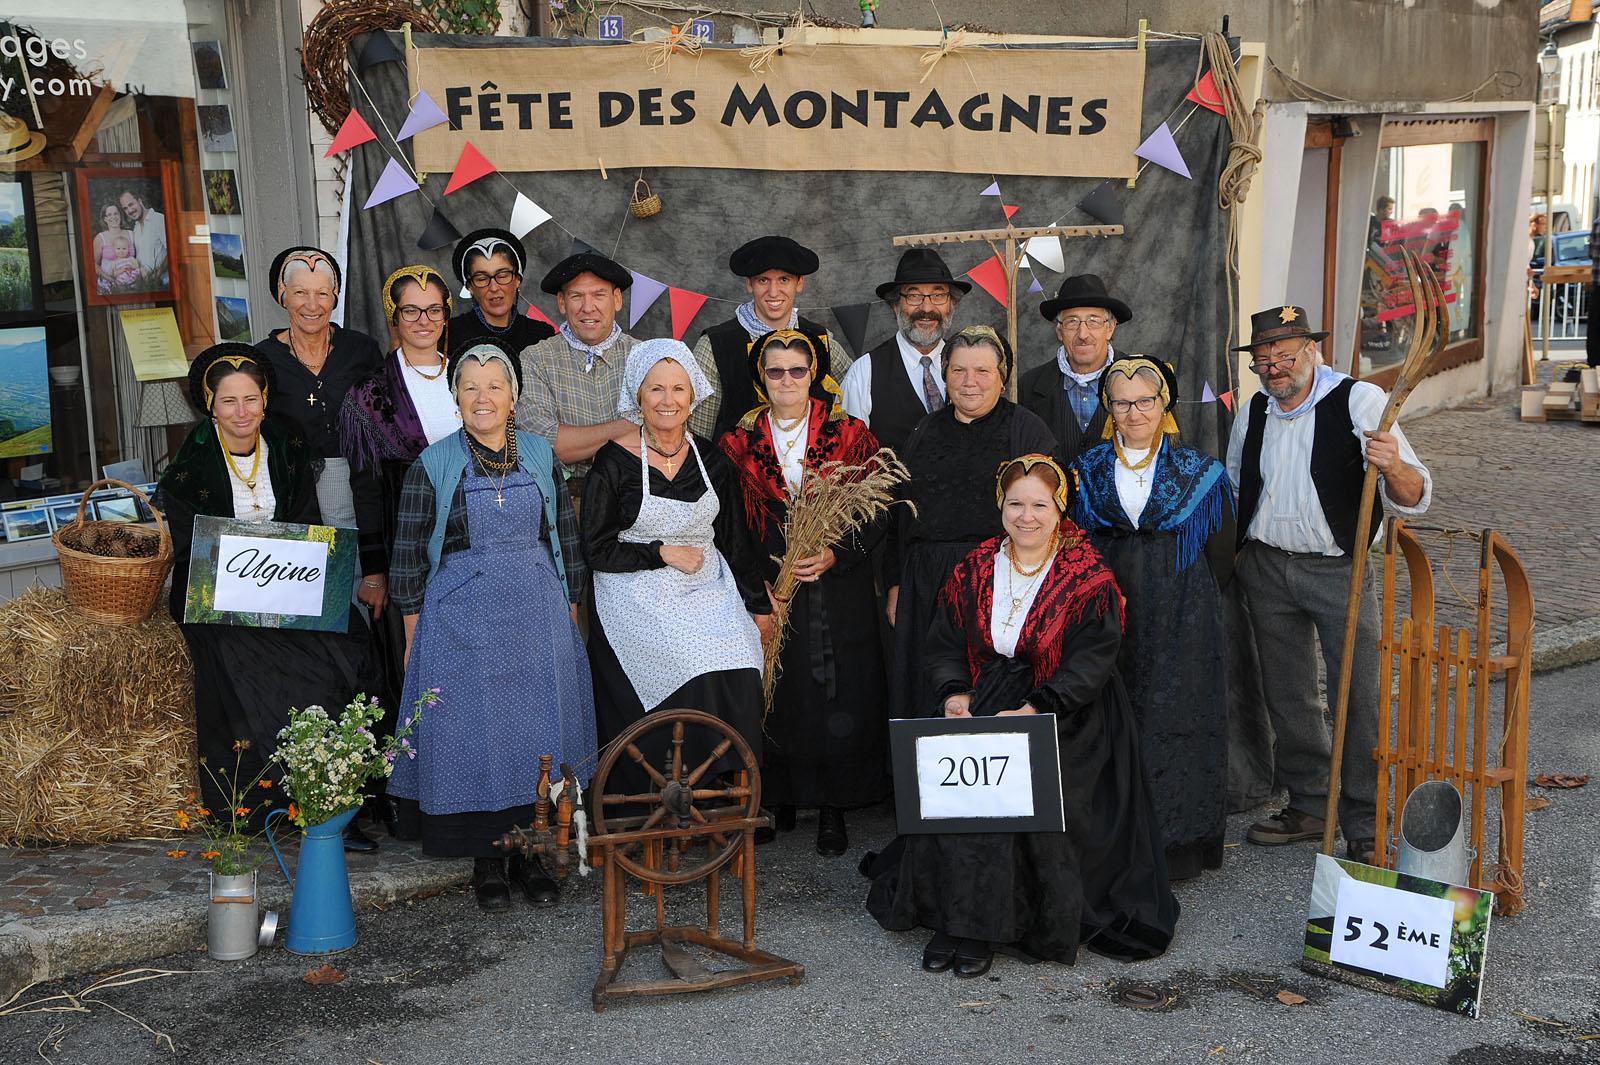 Photographe événementiel sur une fête des montagnes dans les Alpes : groupe folklorique de Tarentaise